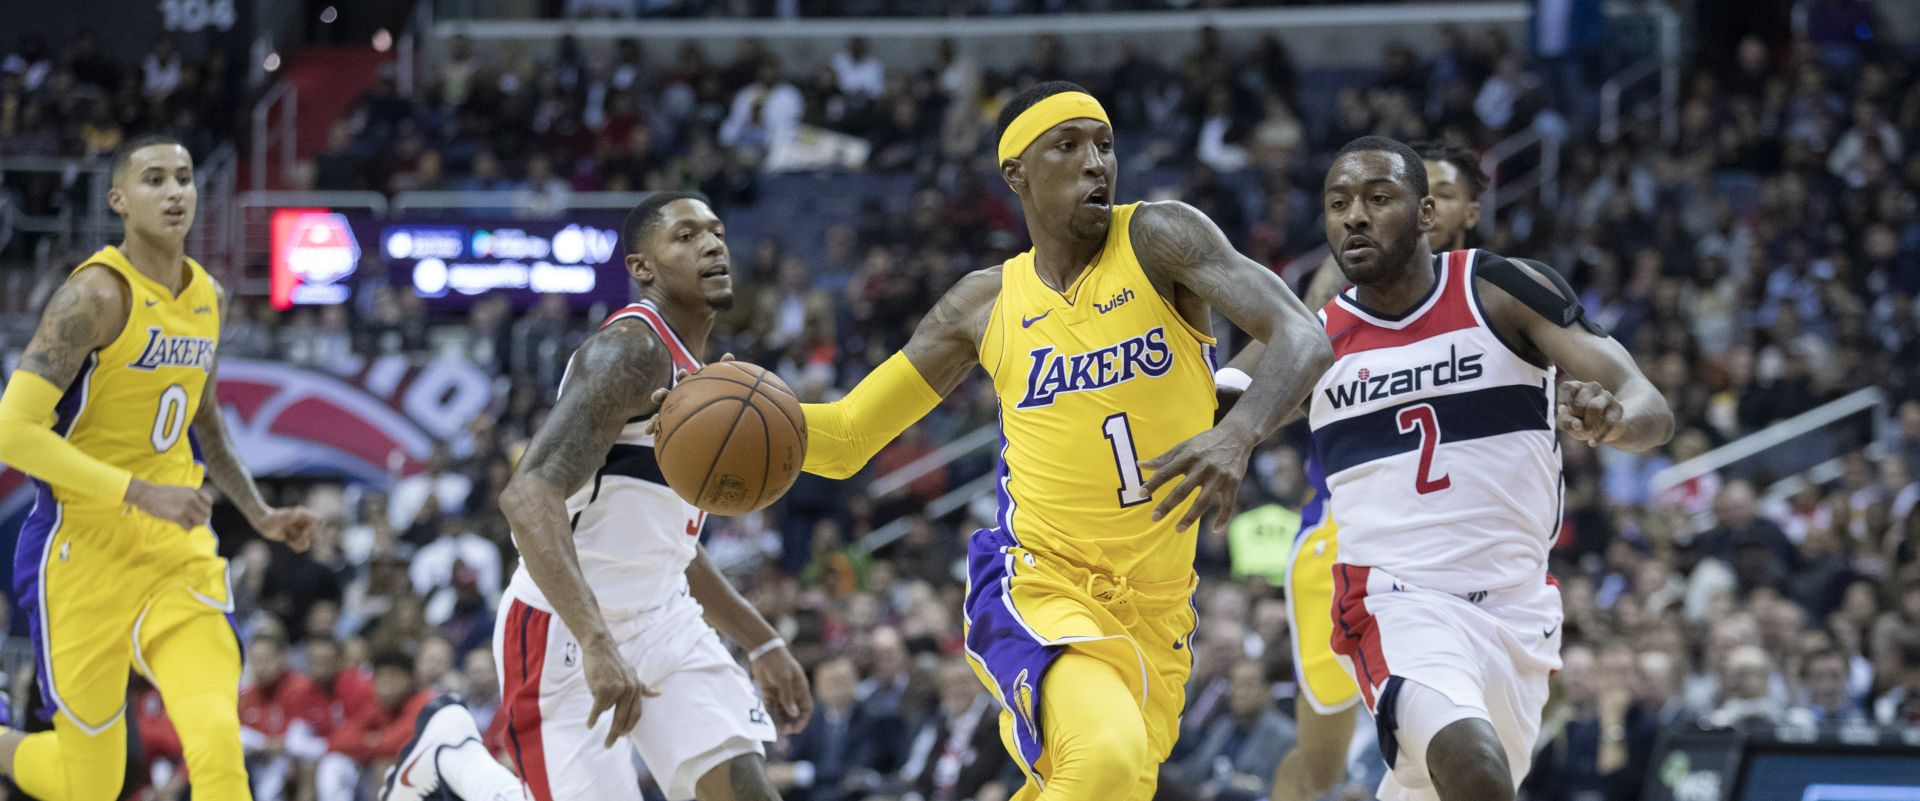 NBA Sacramento u zadnjim sekundama prekinuo pobjednički niz Philadelphije